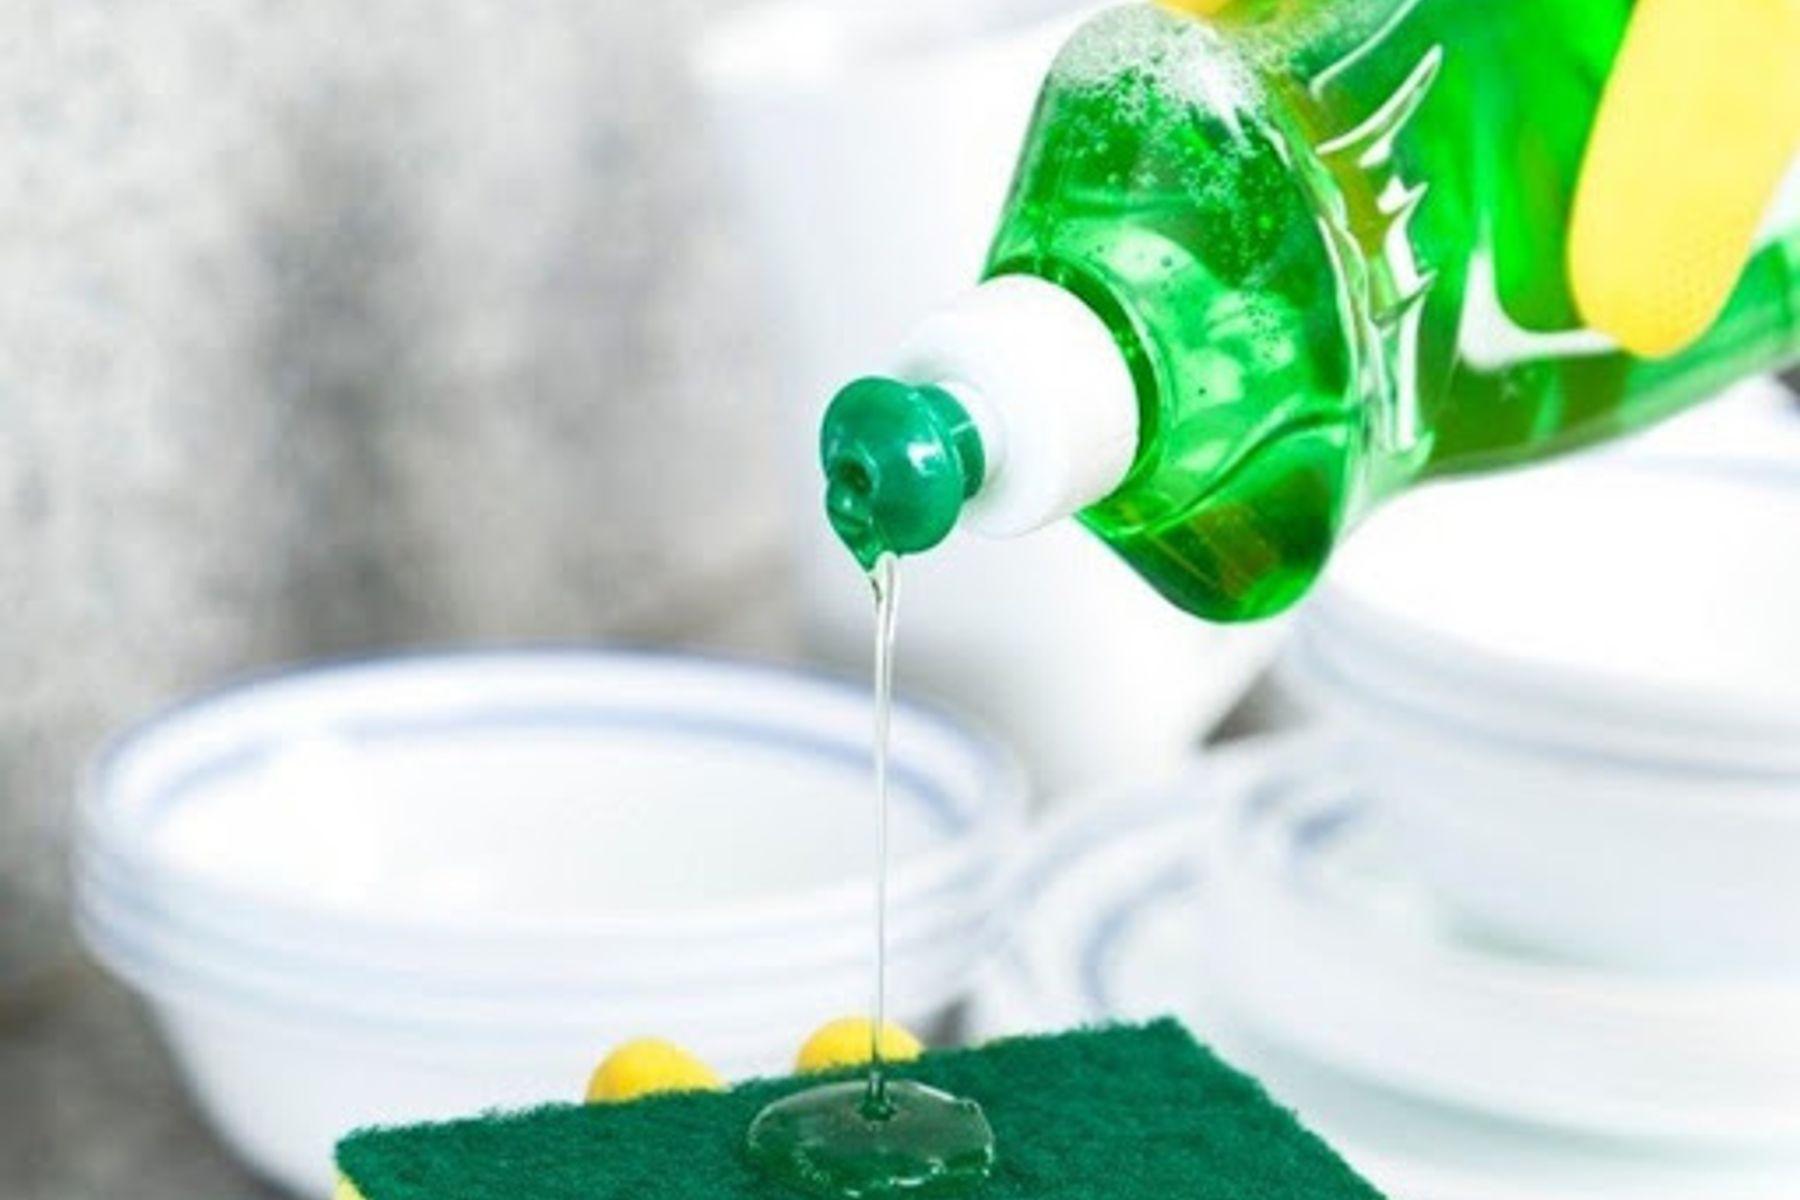 Nước rửa chén kém chất lượng có thể là nguyên nhân gây ra ngộ độc?